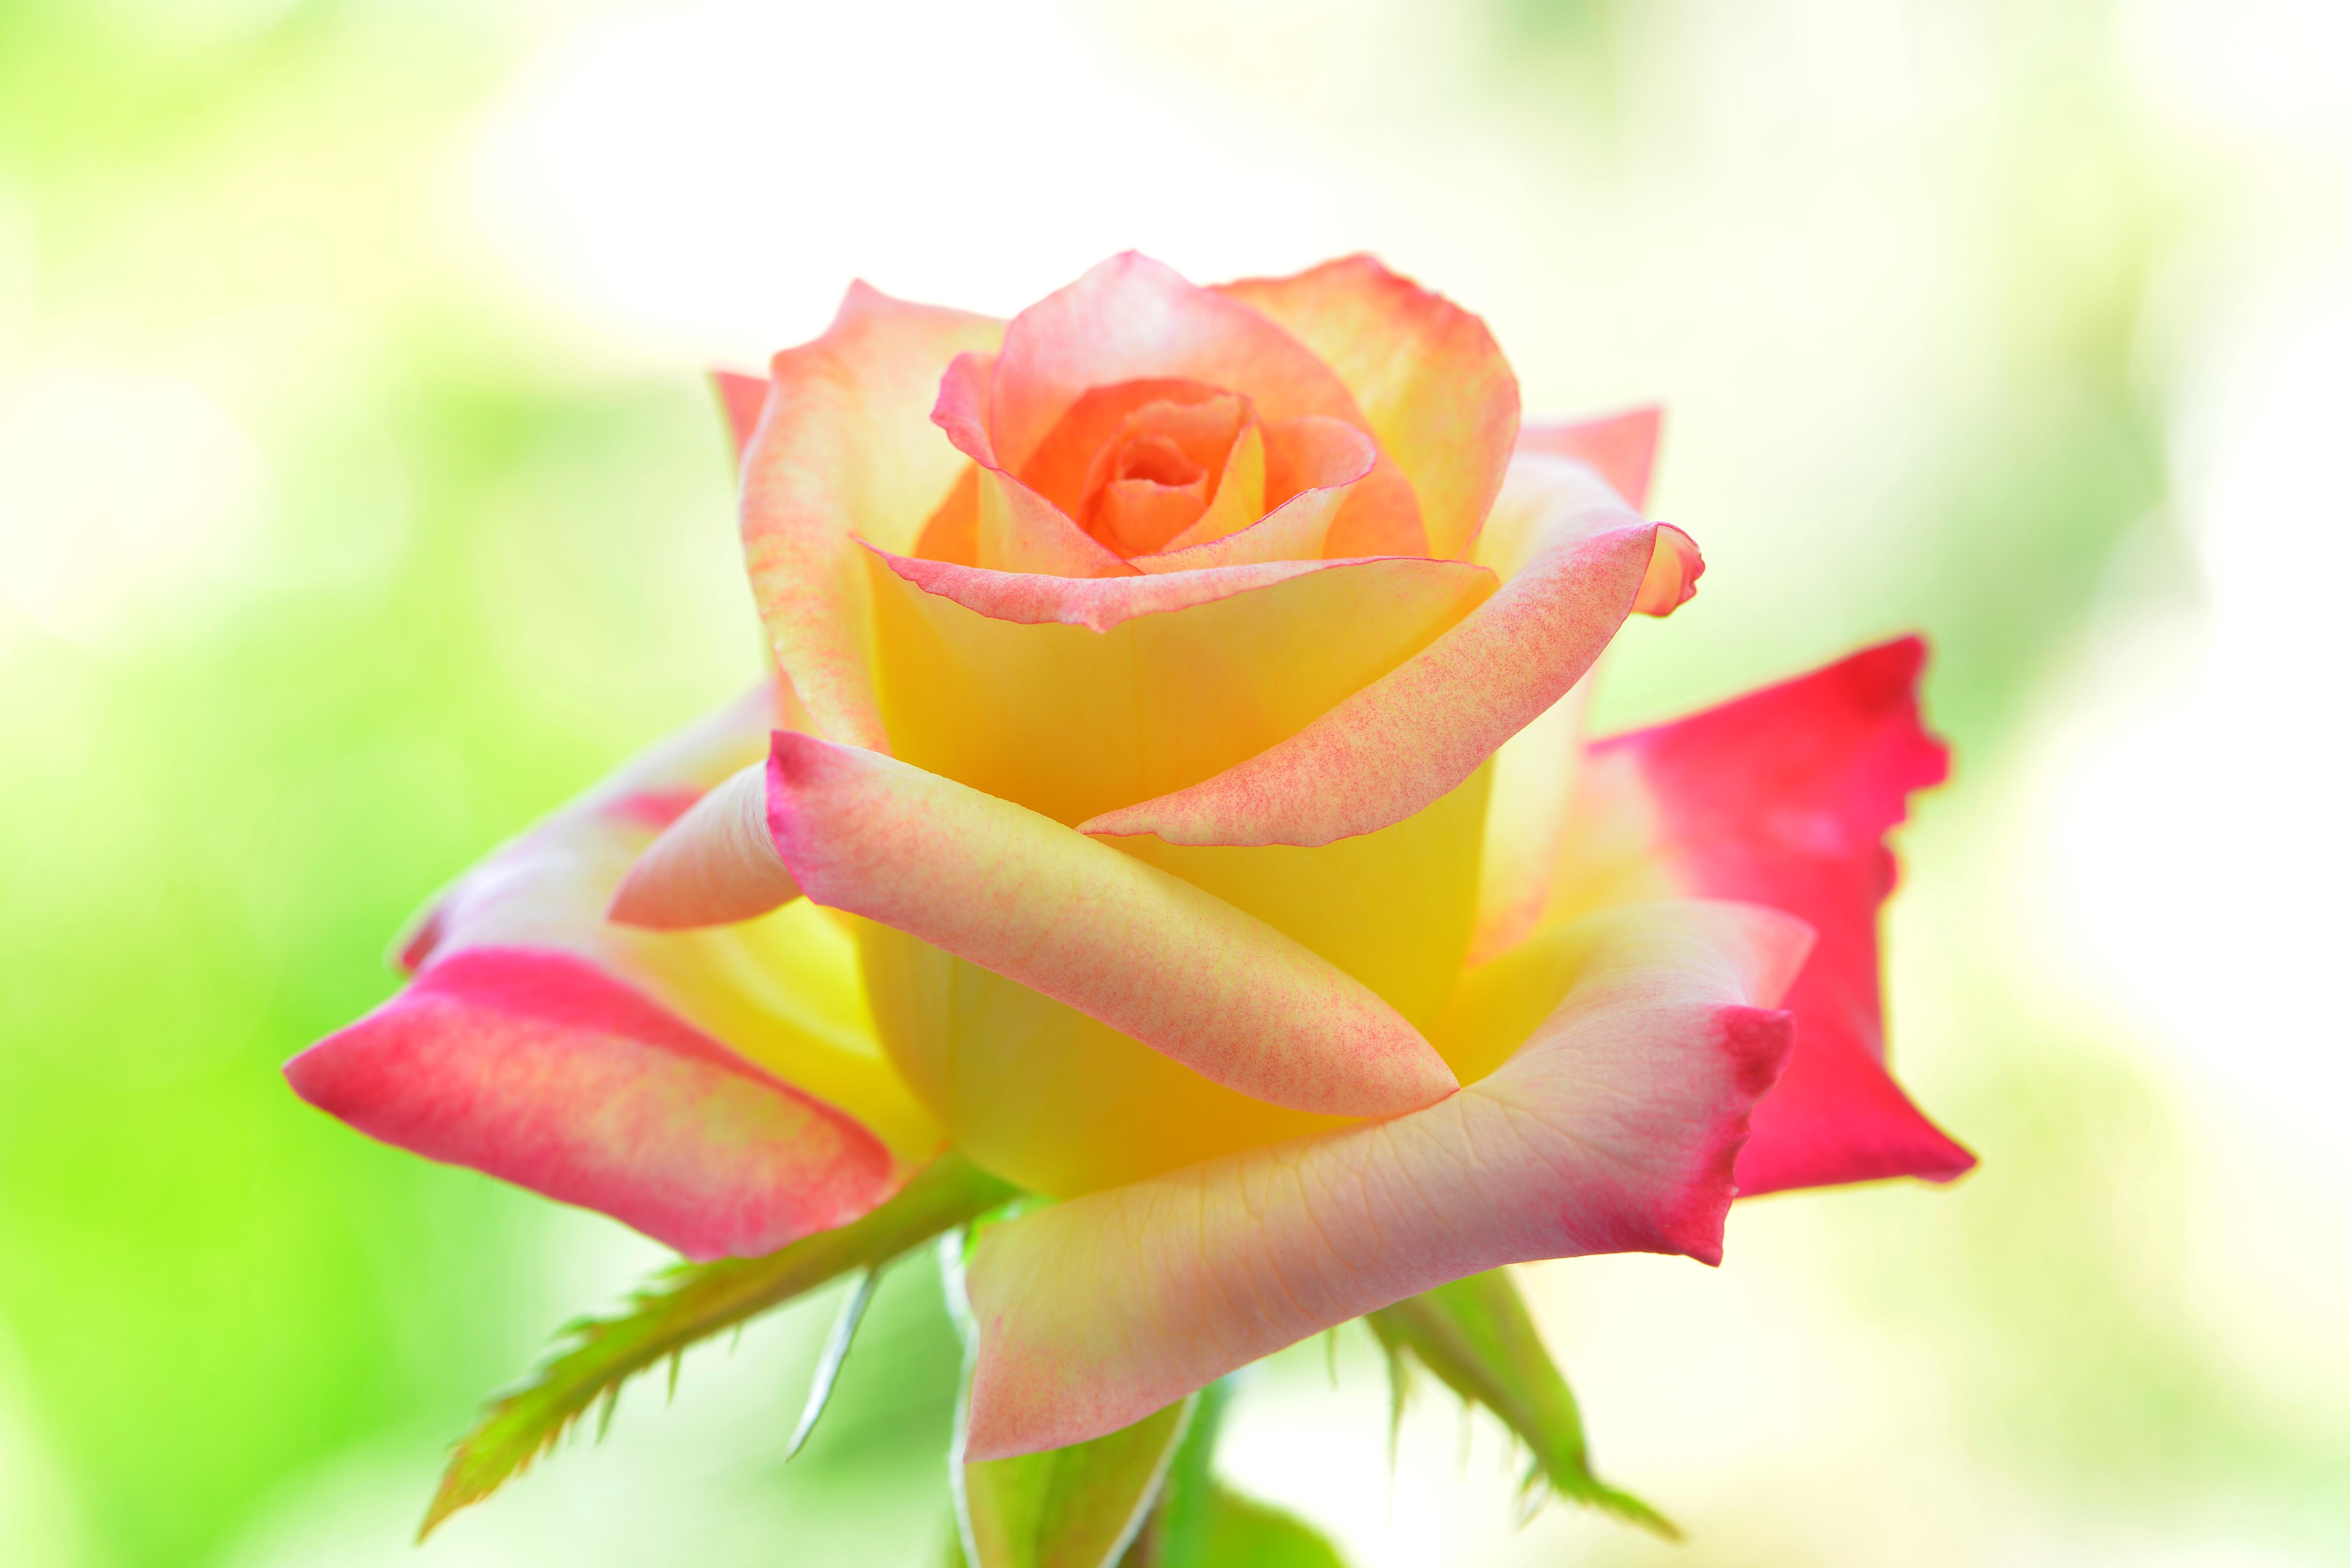 были желто-розовые розы картинки такую